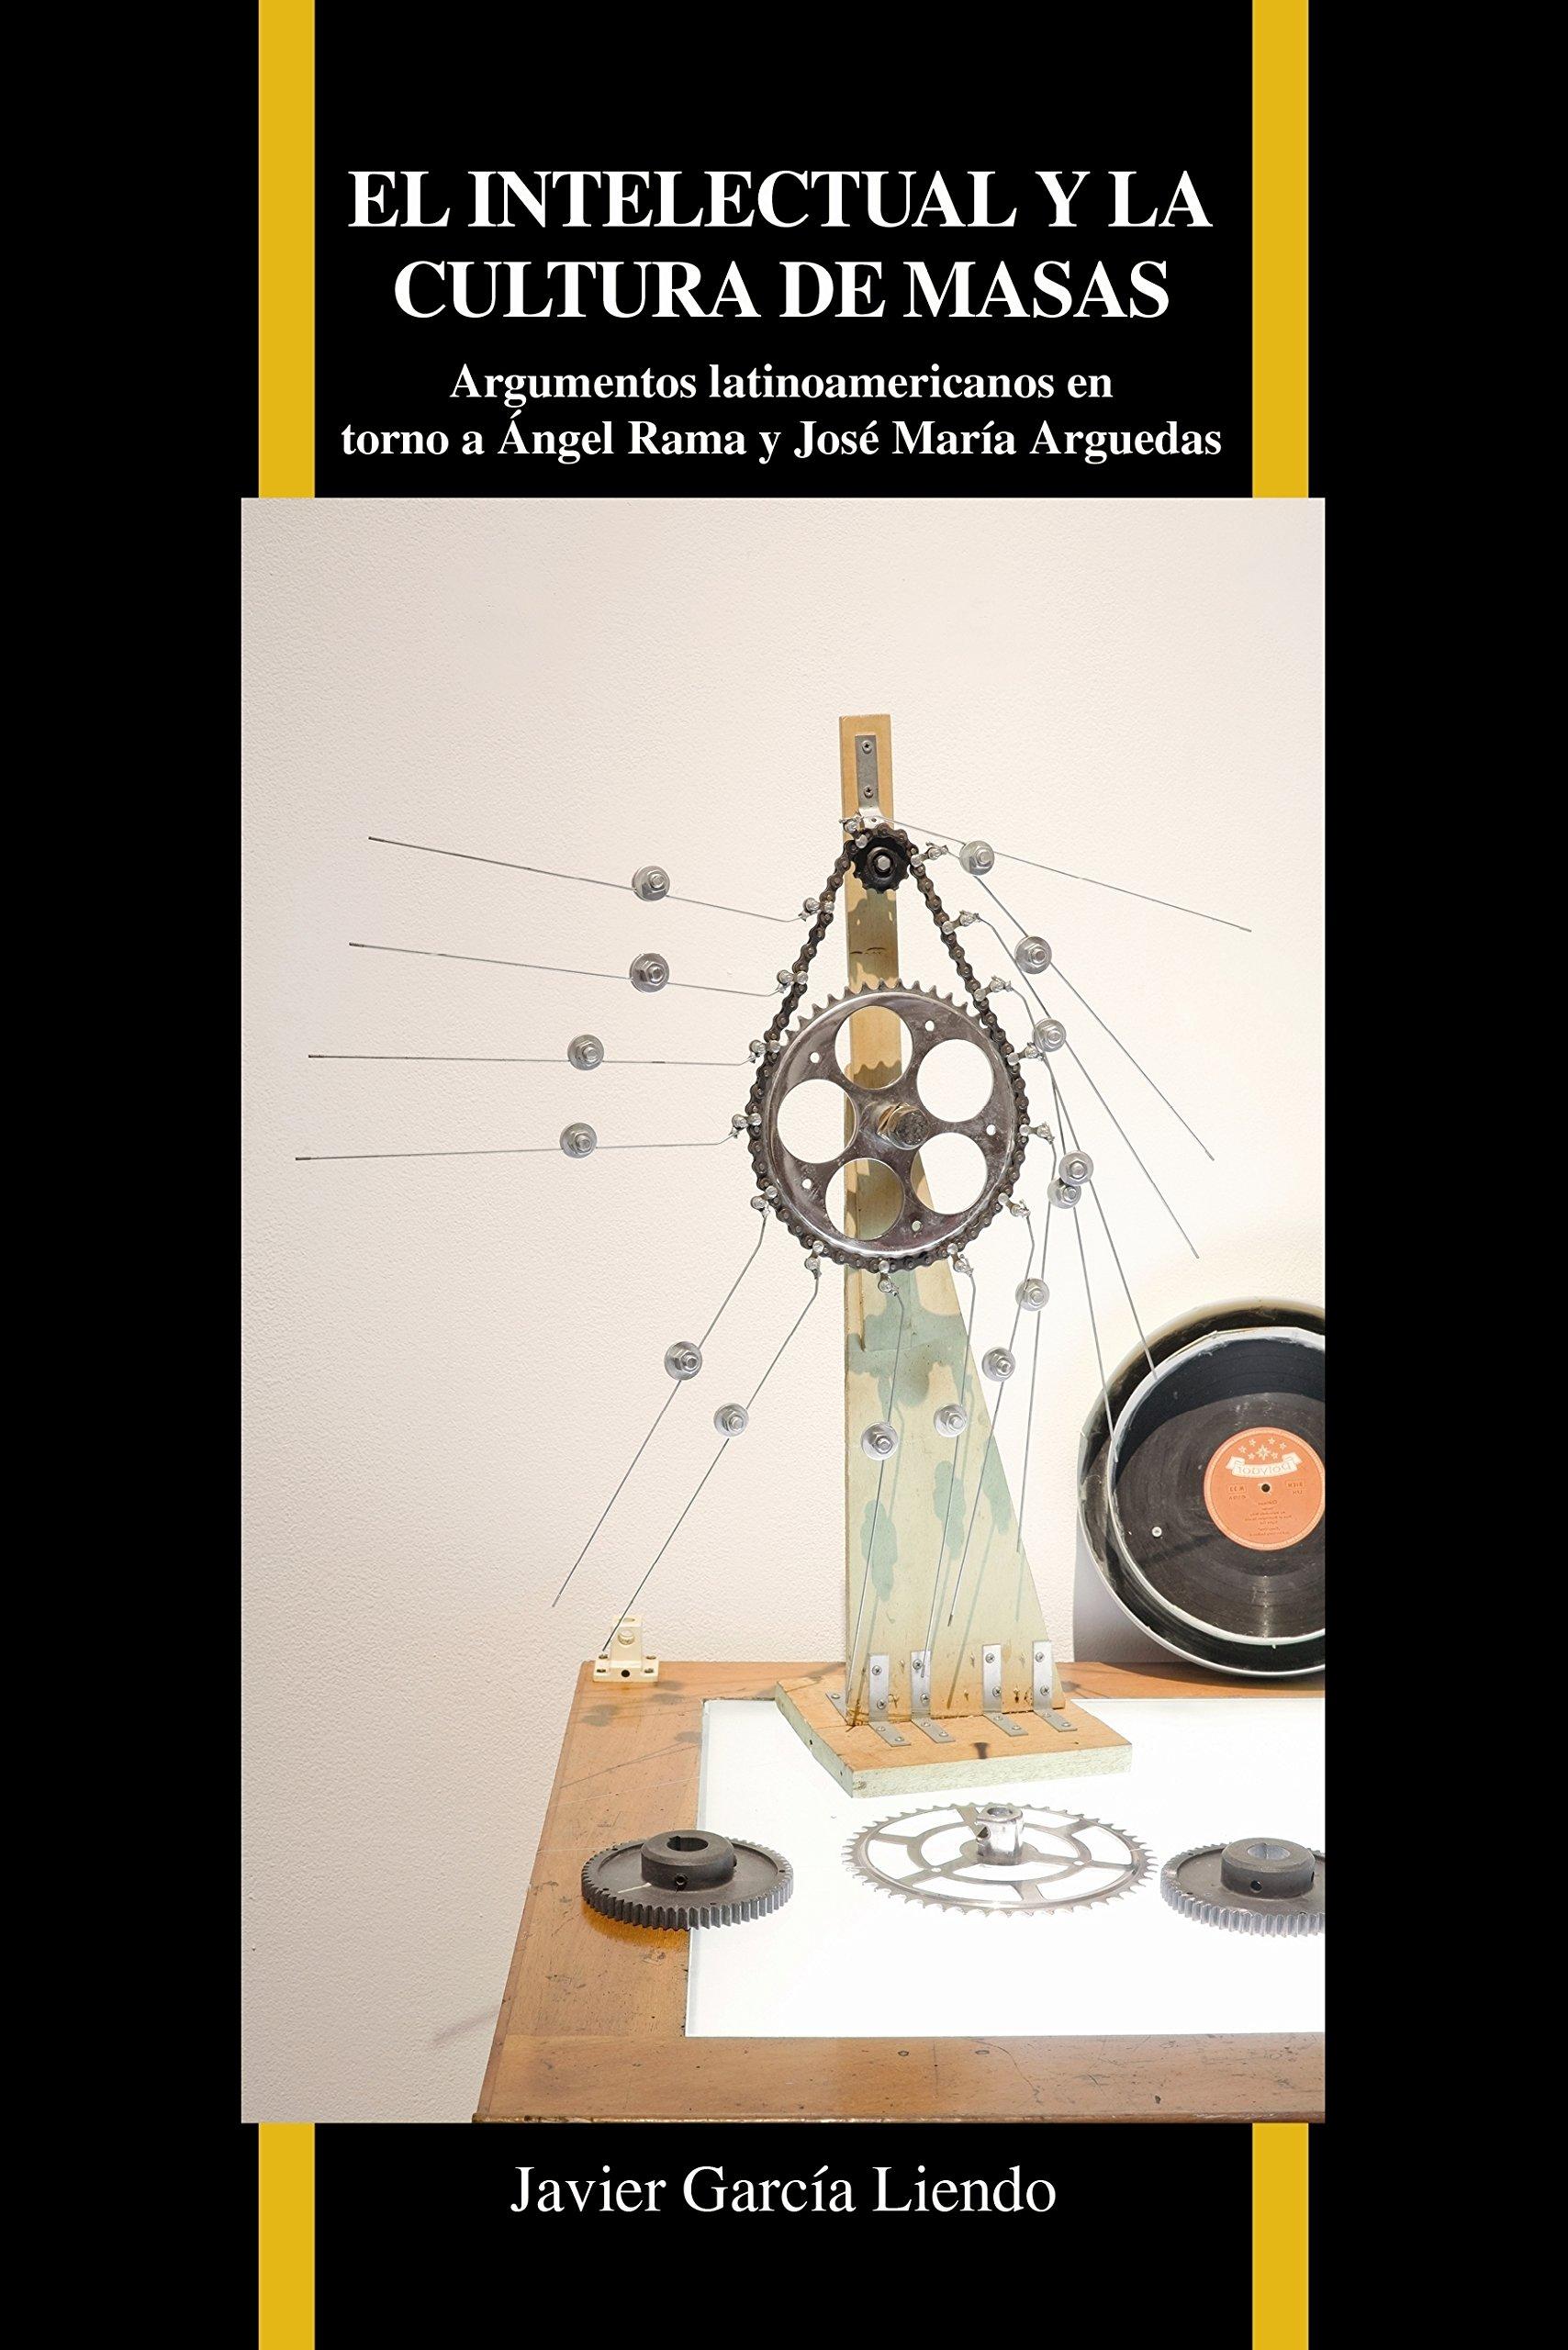 El intelectual y la cultura de masas: Argumentos latinoamericanos en torno a Angel Rama y Jose Maria Arguedas (Purdue Studies in Romance Literatures)